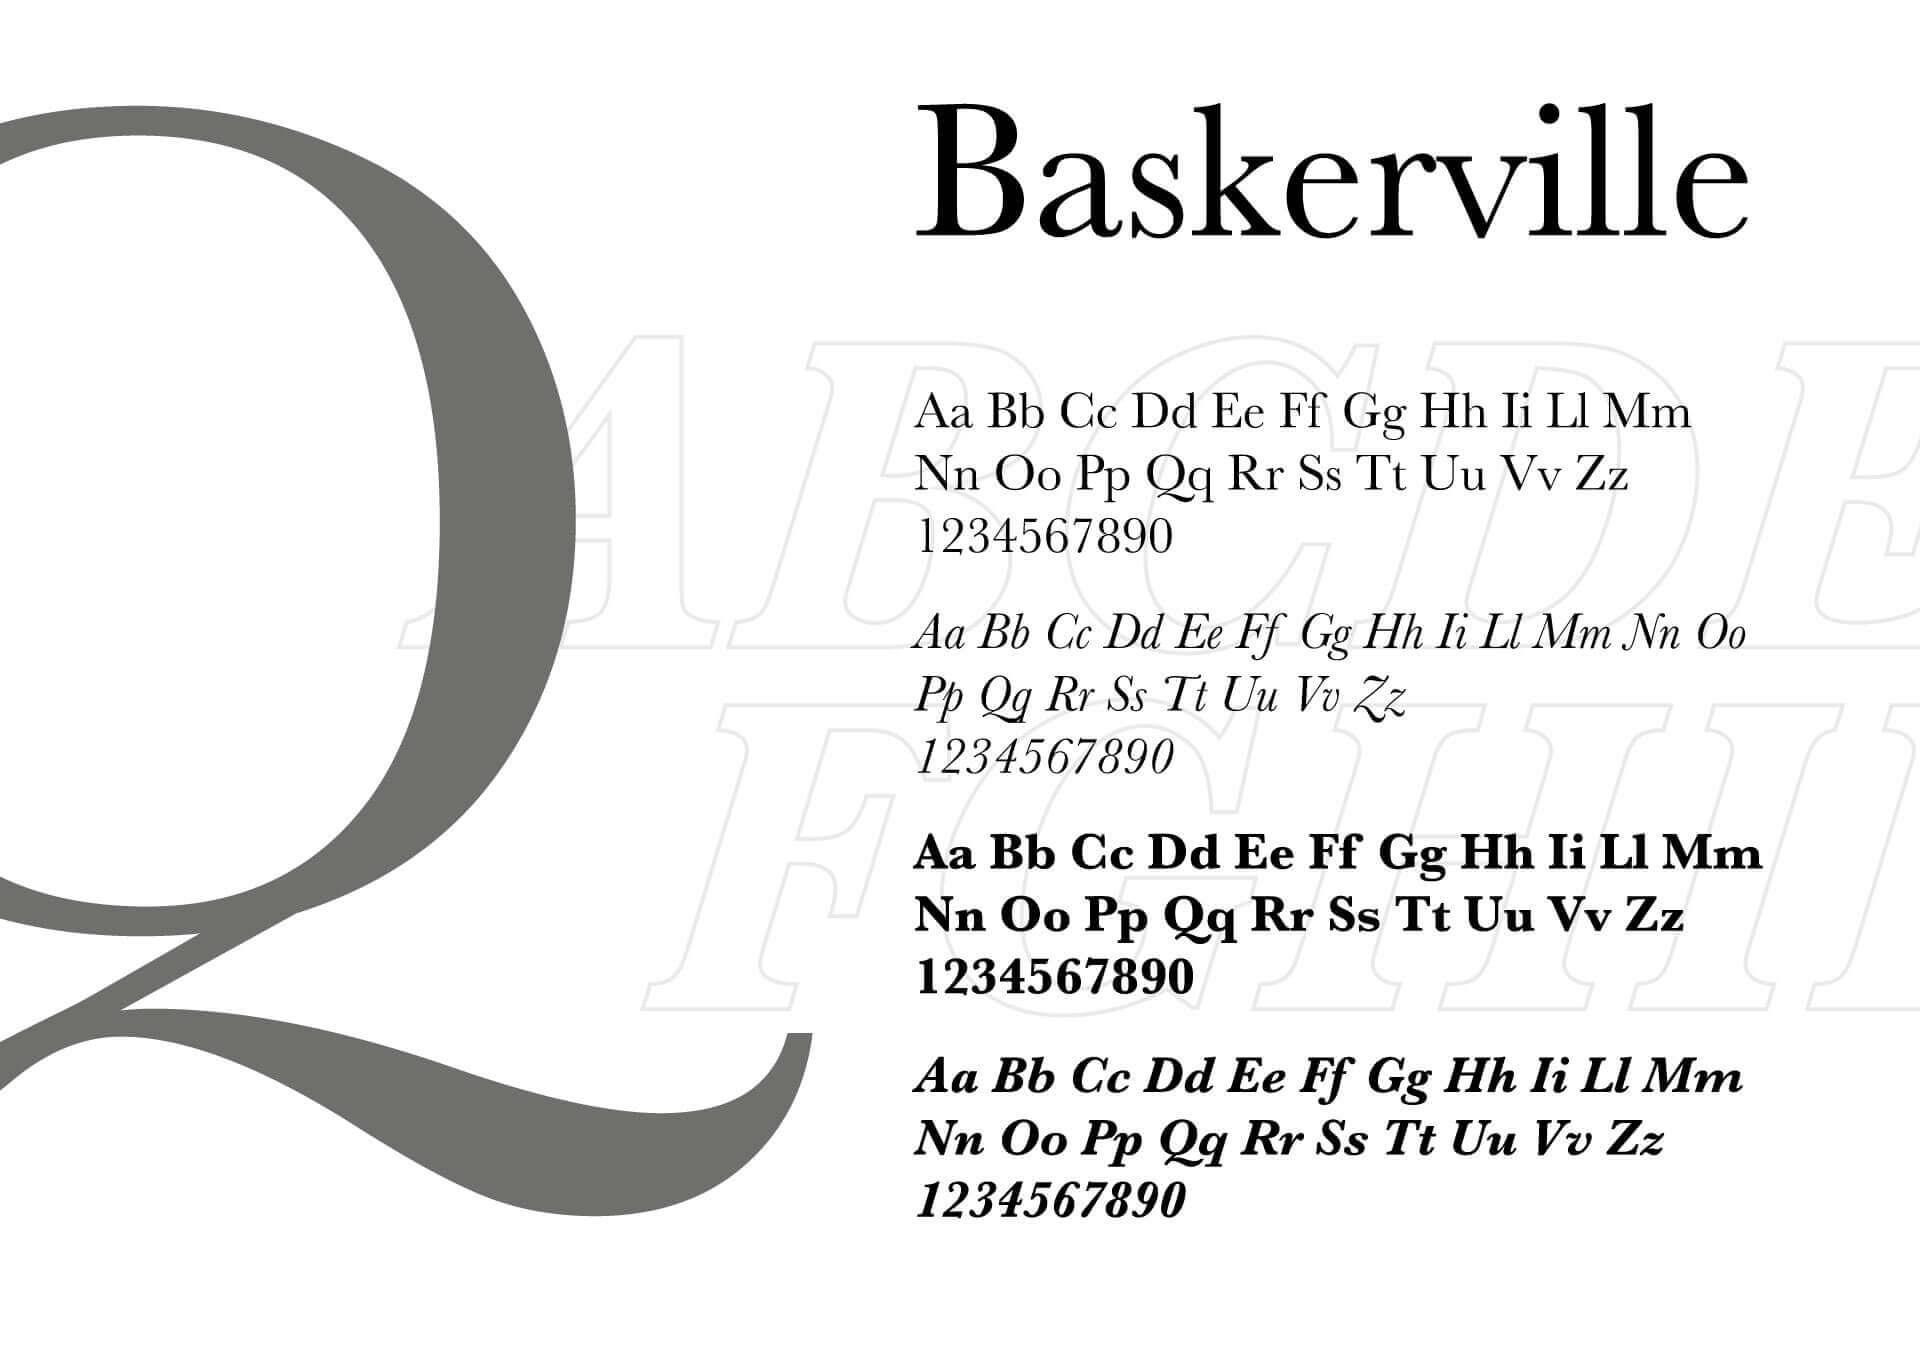 sulla destra una Q di grandi dimensioni e sulla sinistra vari tipi di paragrafi con il carattere tipografico baskerville. i caratteri sono di colore grigio su sfondo bianco